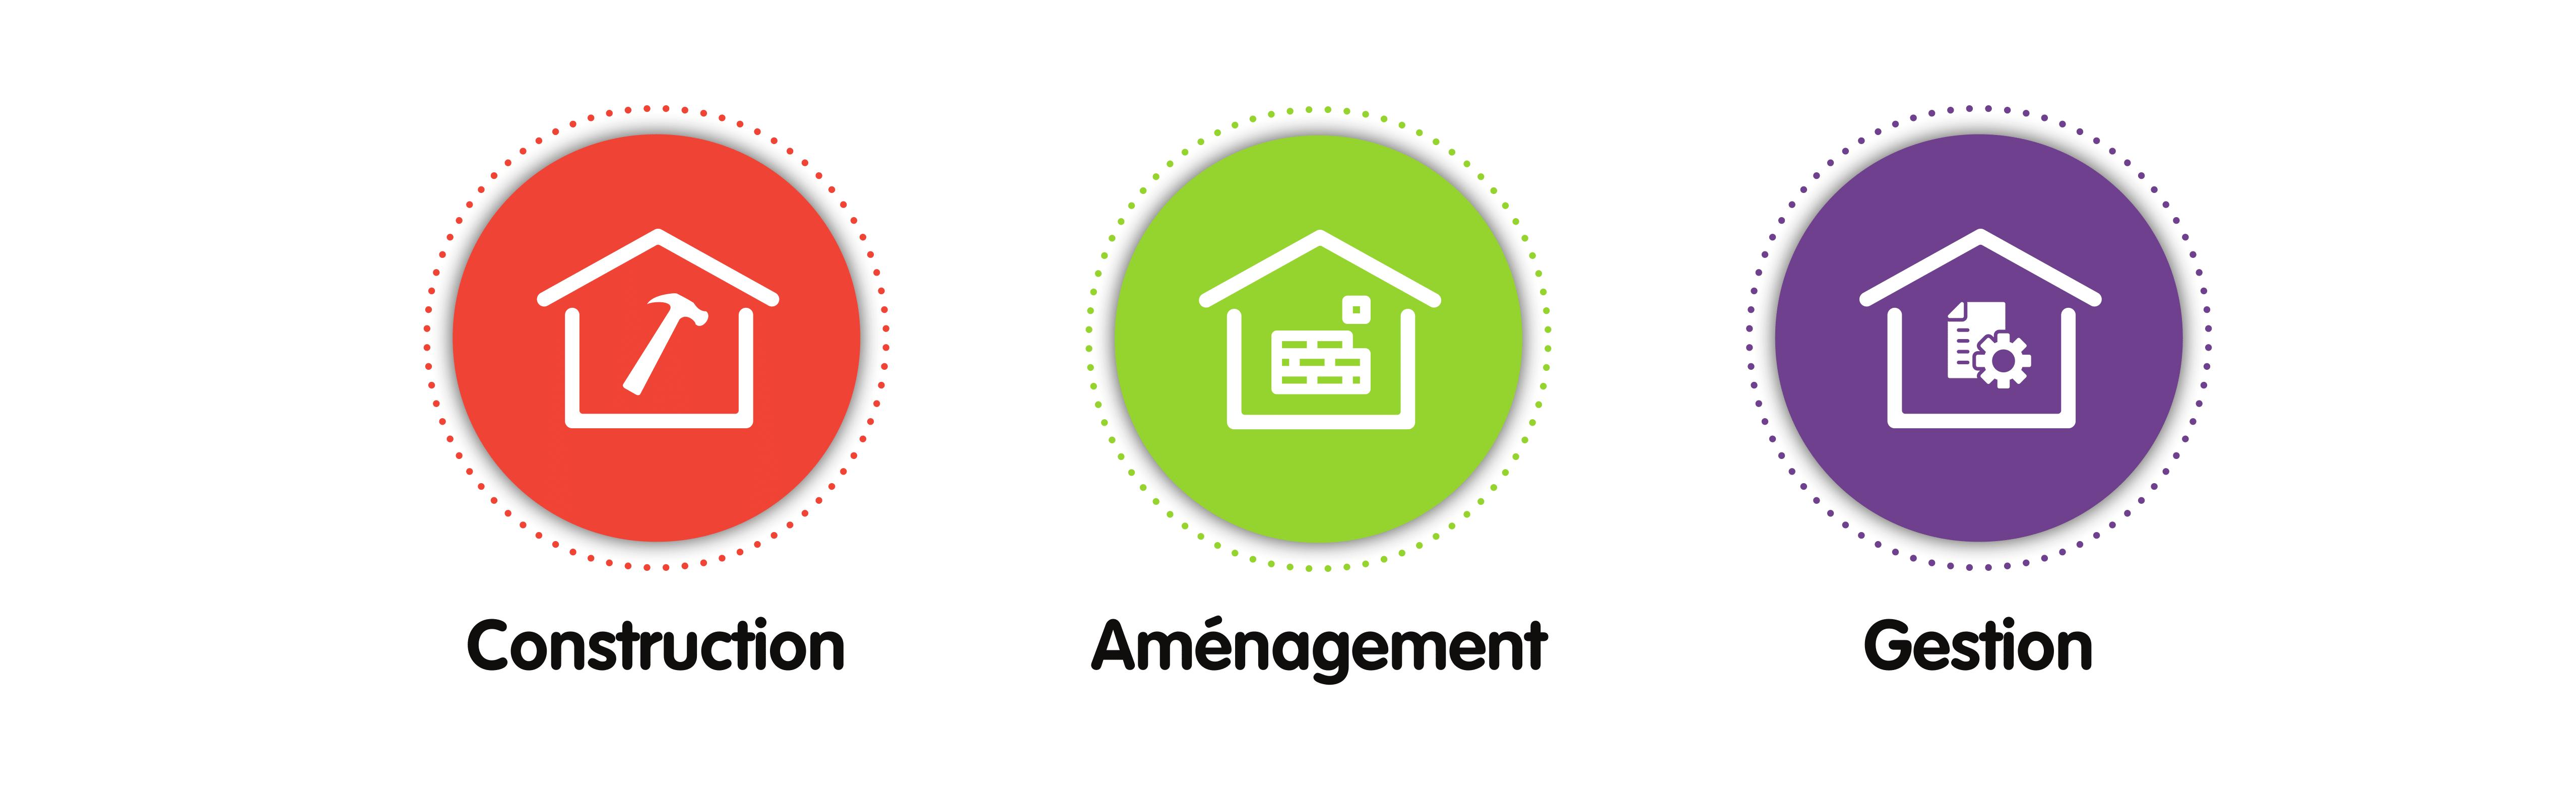 pictos-construction-amenagement-reservation